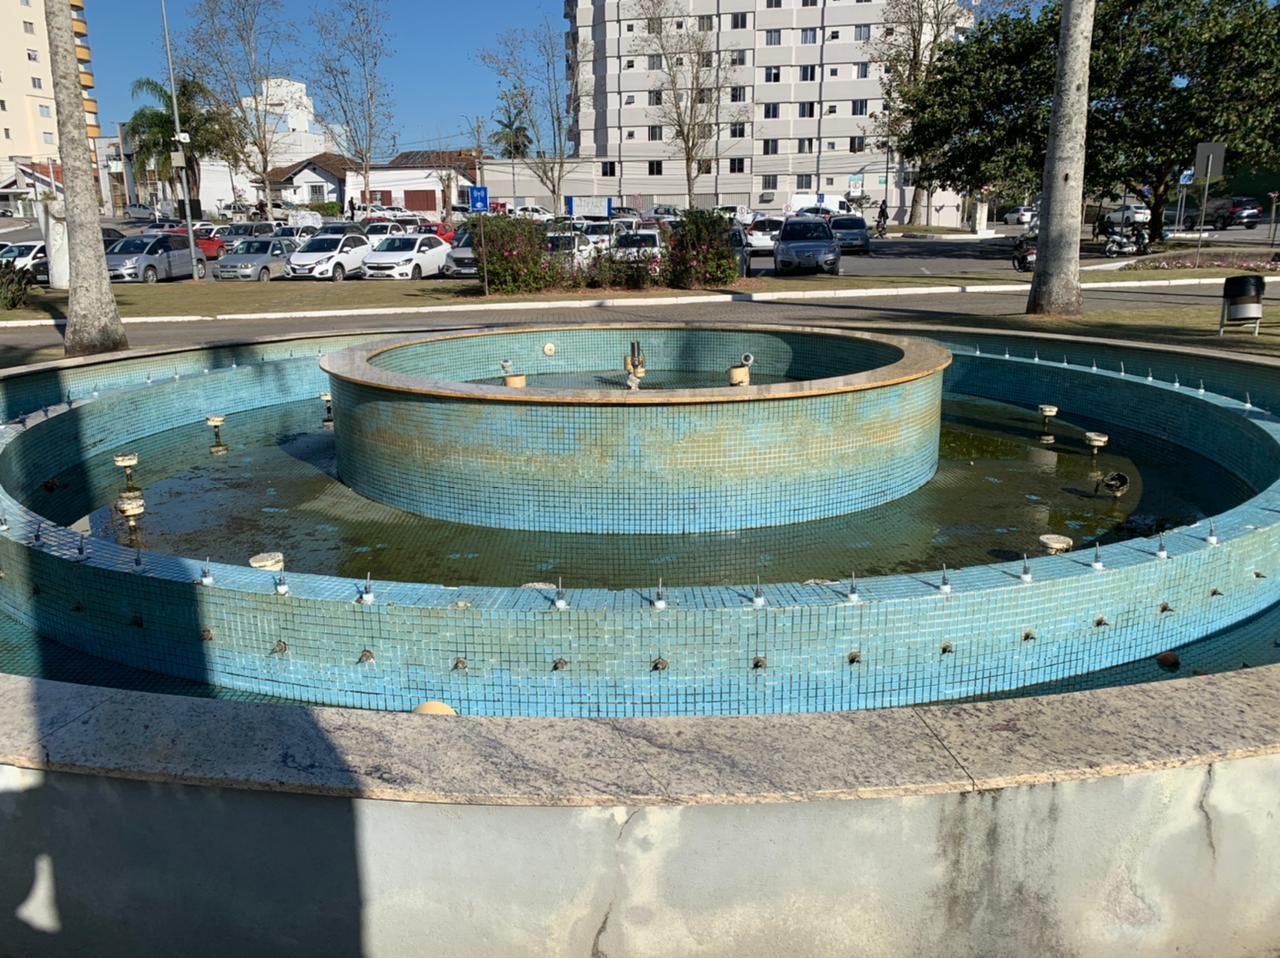 Chafariz da Praça Sesquicentenário é alvo de vandalismo